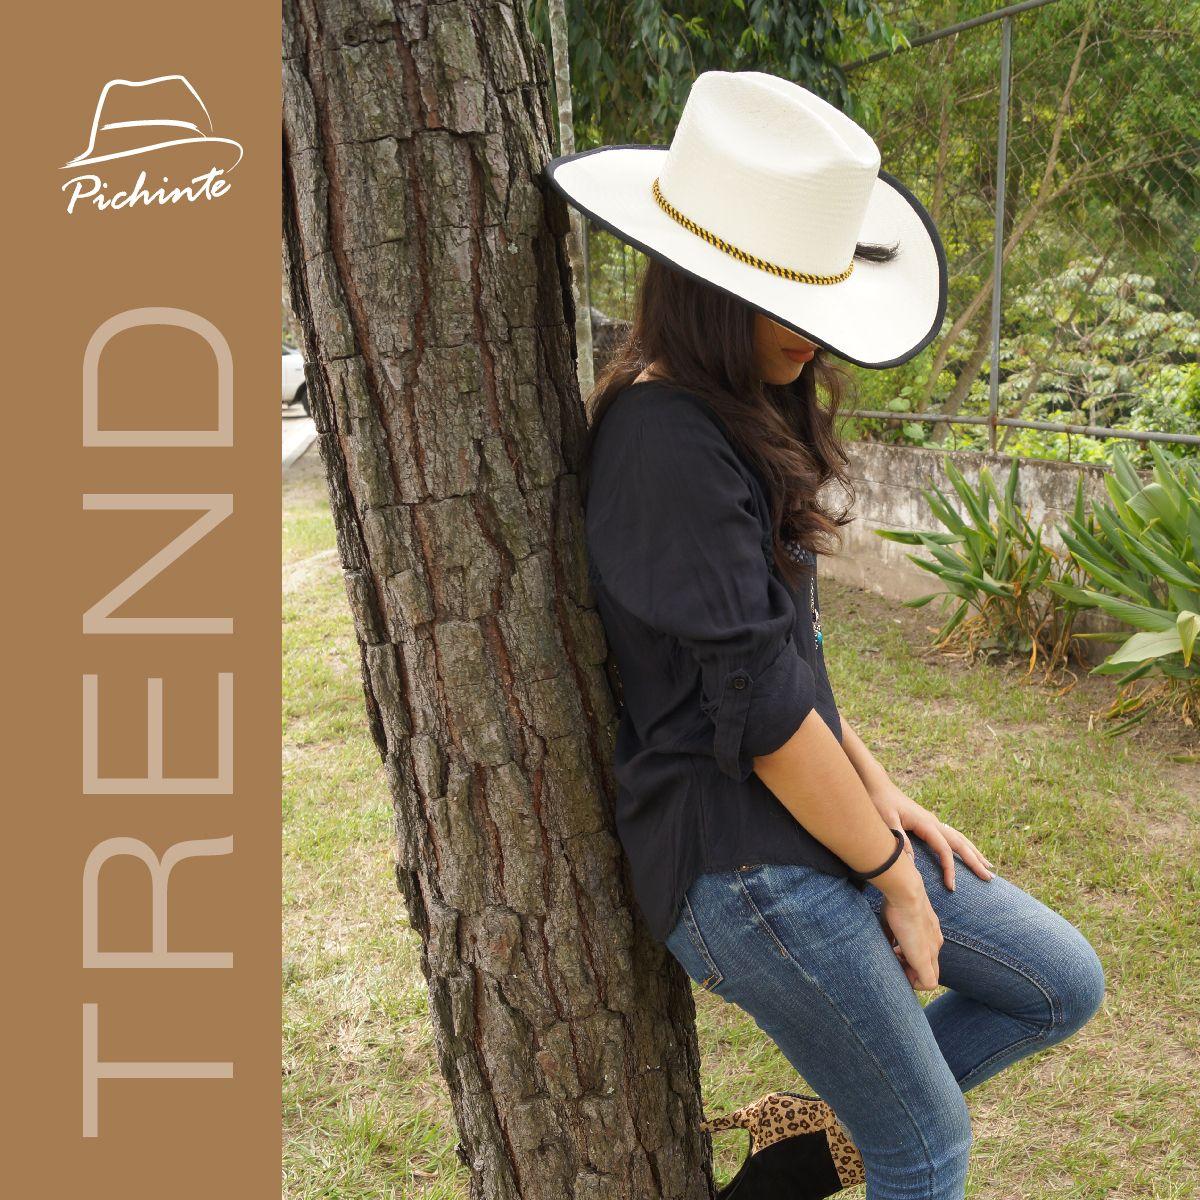 Sombrero estilo hacienda vaqueros pinterest vaqueros jpg 1200x1200 Hacienda  sombrero a542b99209d